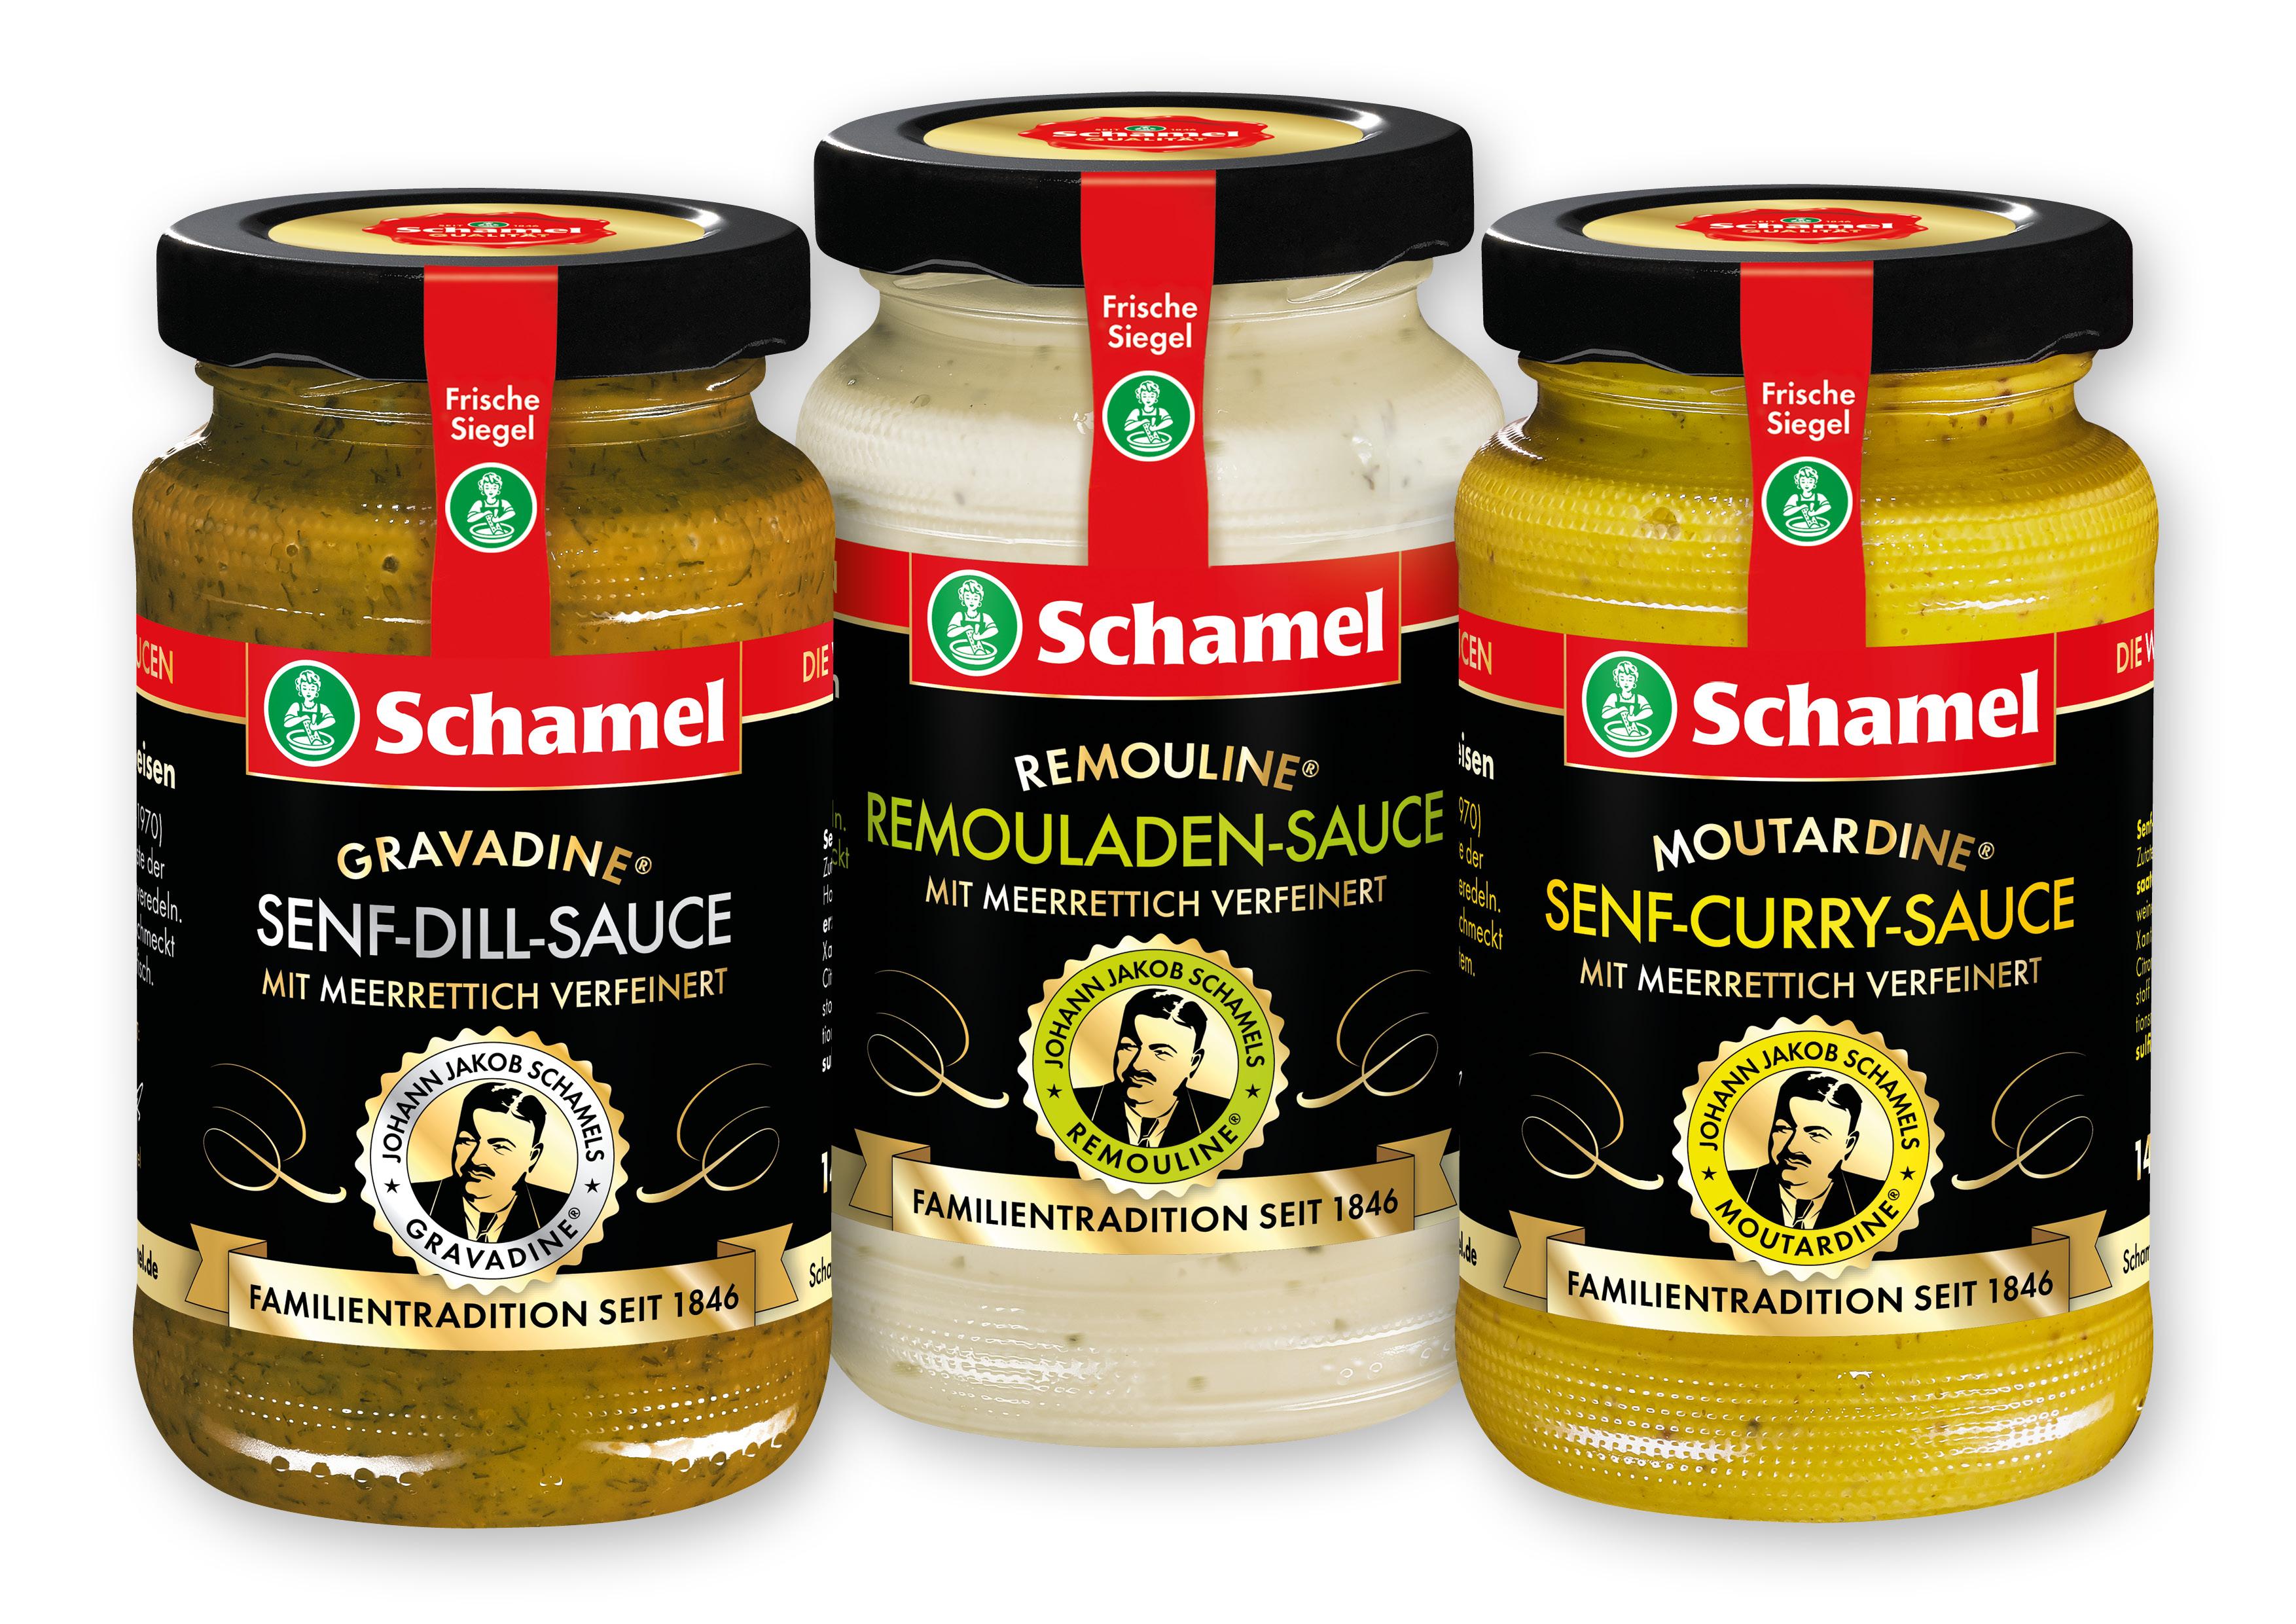 """Feine Sache, feine Saucen! Die gibt es nun auch als """"Remouline®"""" und """"Moutardine®""""."""